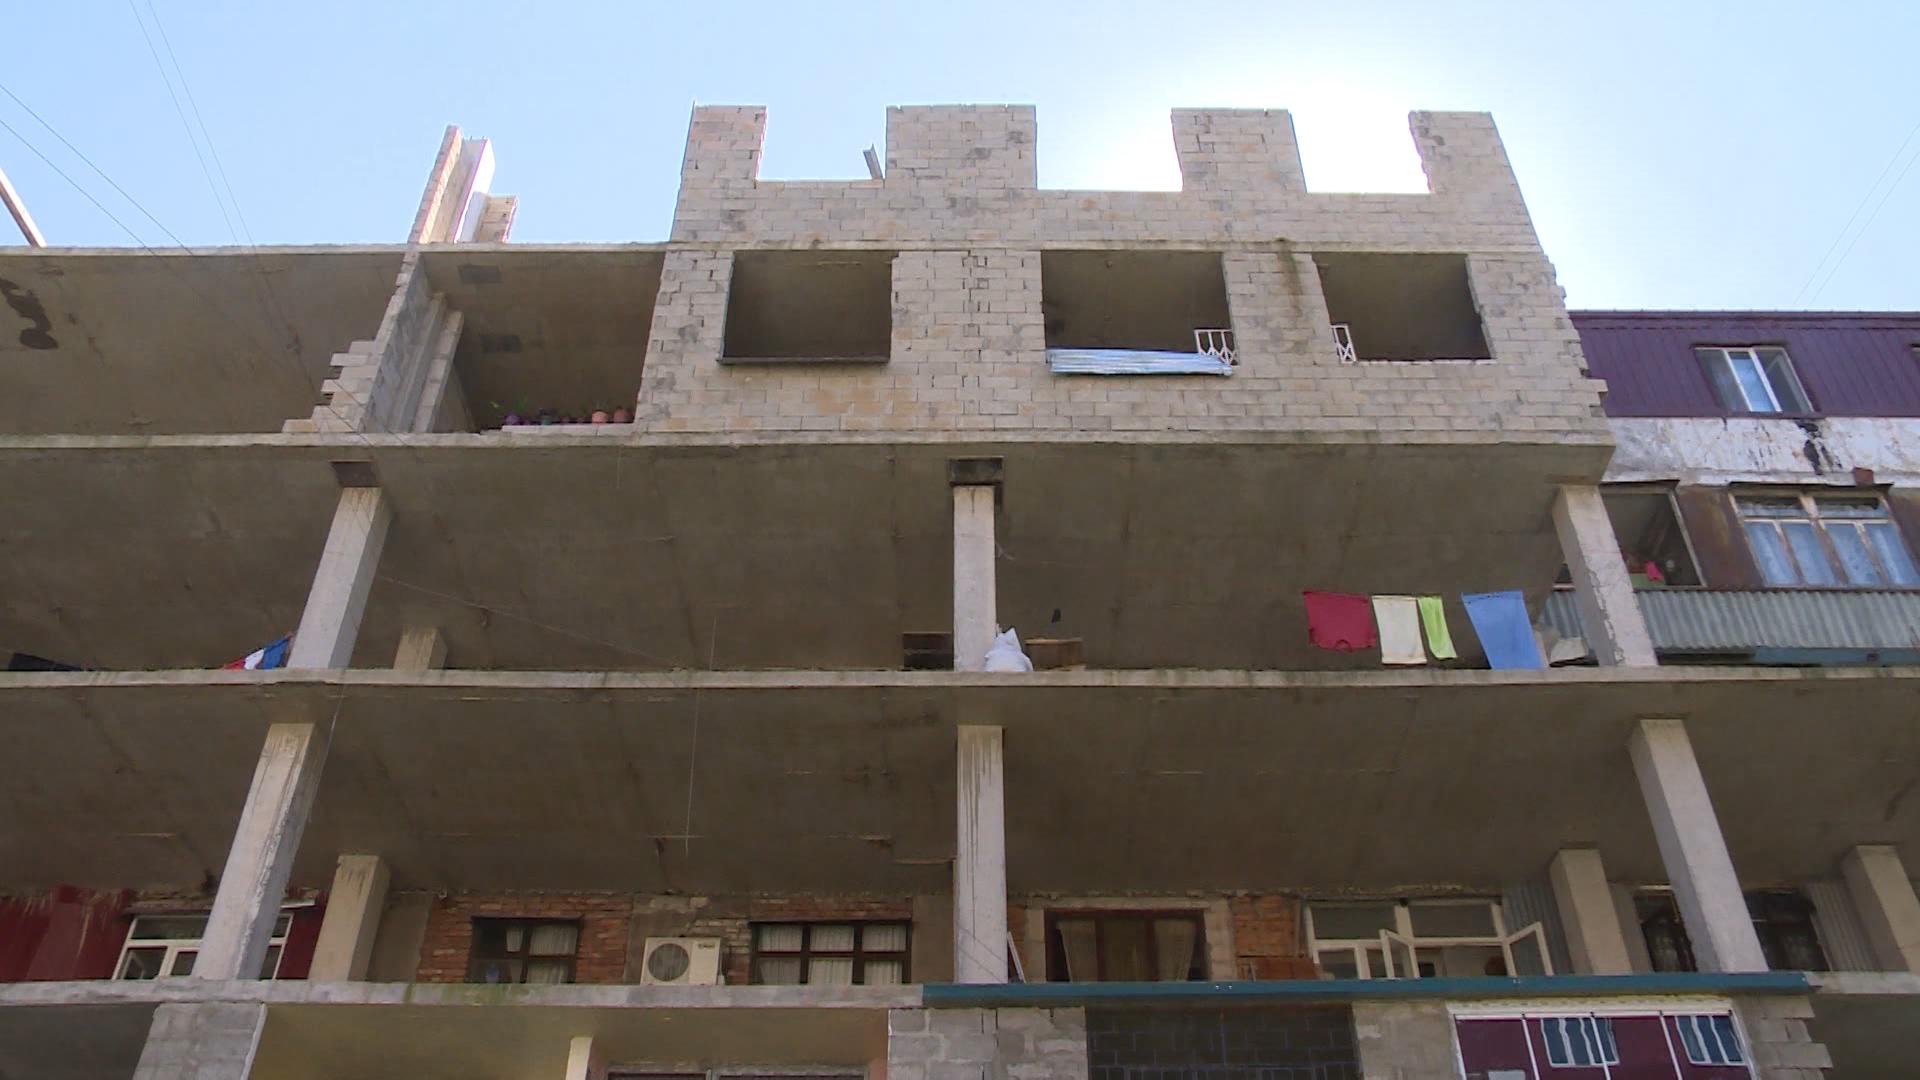 მიშენებების გამო საცხოვრებელი სახლი იშლება